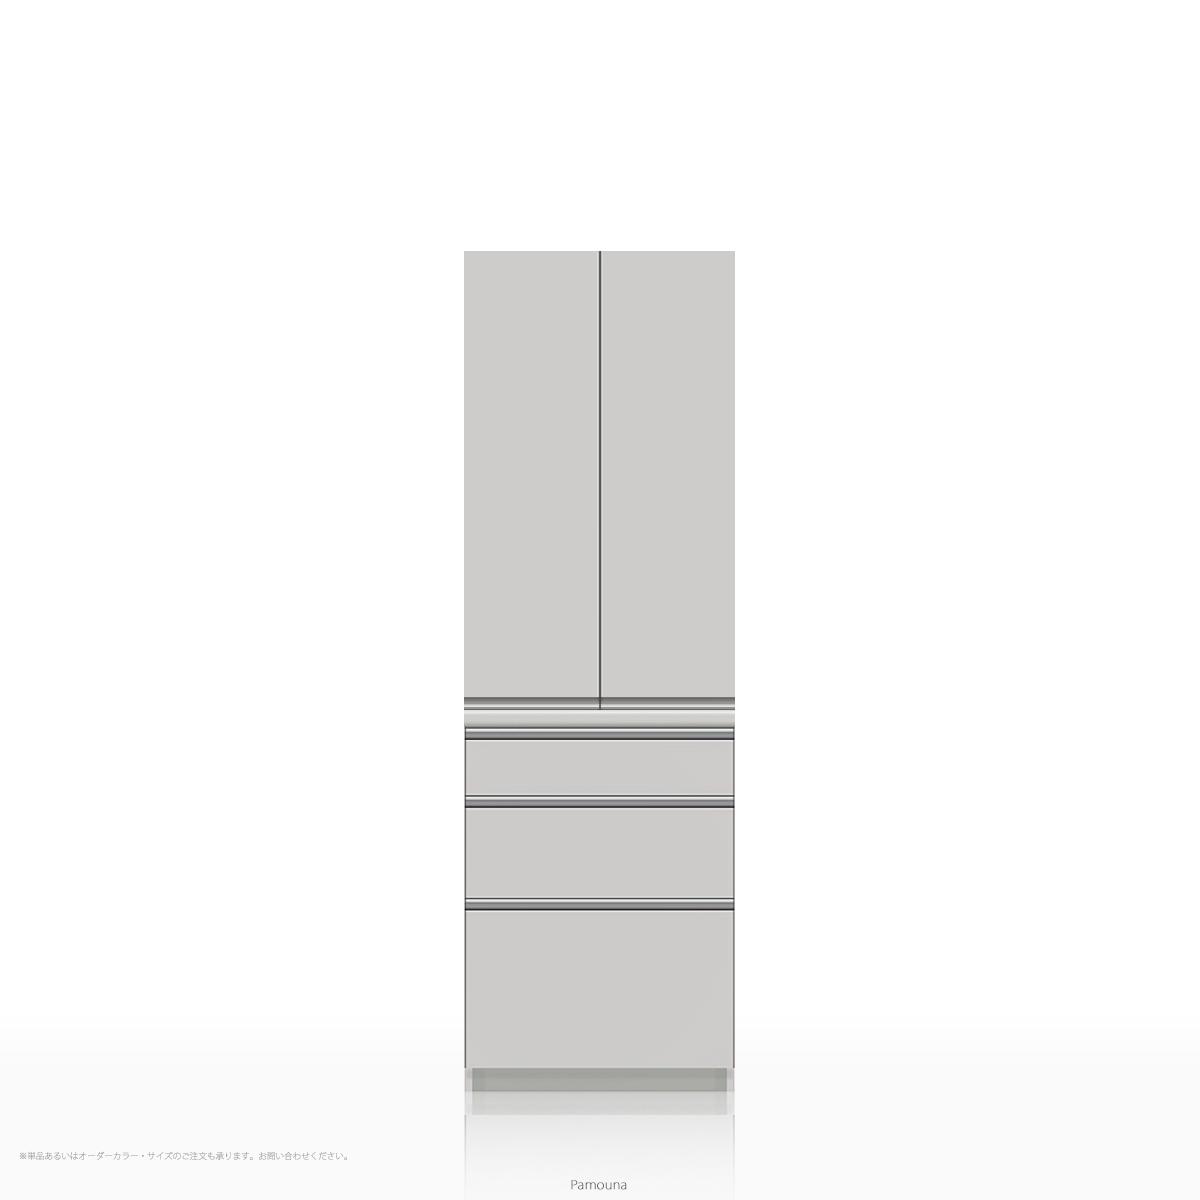 パモウナ 食器棚 KLシリーズ KL-S600K [開き扉] (幅600cm, 奥行き45cm, パールホワイト)【送料無料 ※対象地域(本州,九州,四国)】【同梱不可】【店頭受取対応商品】